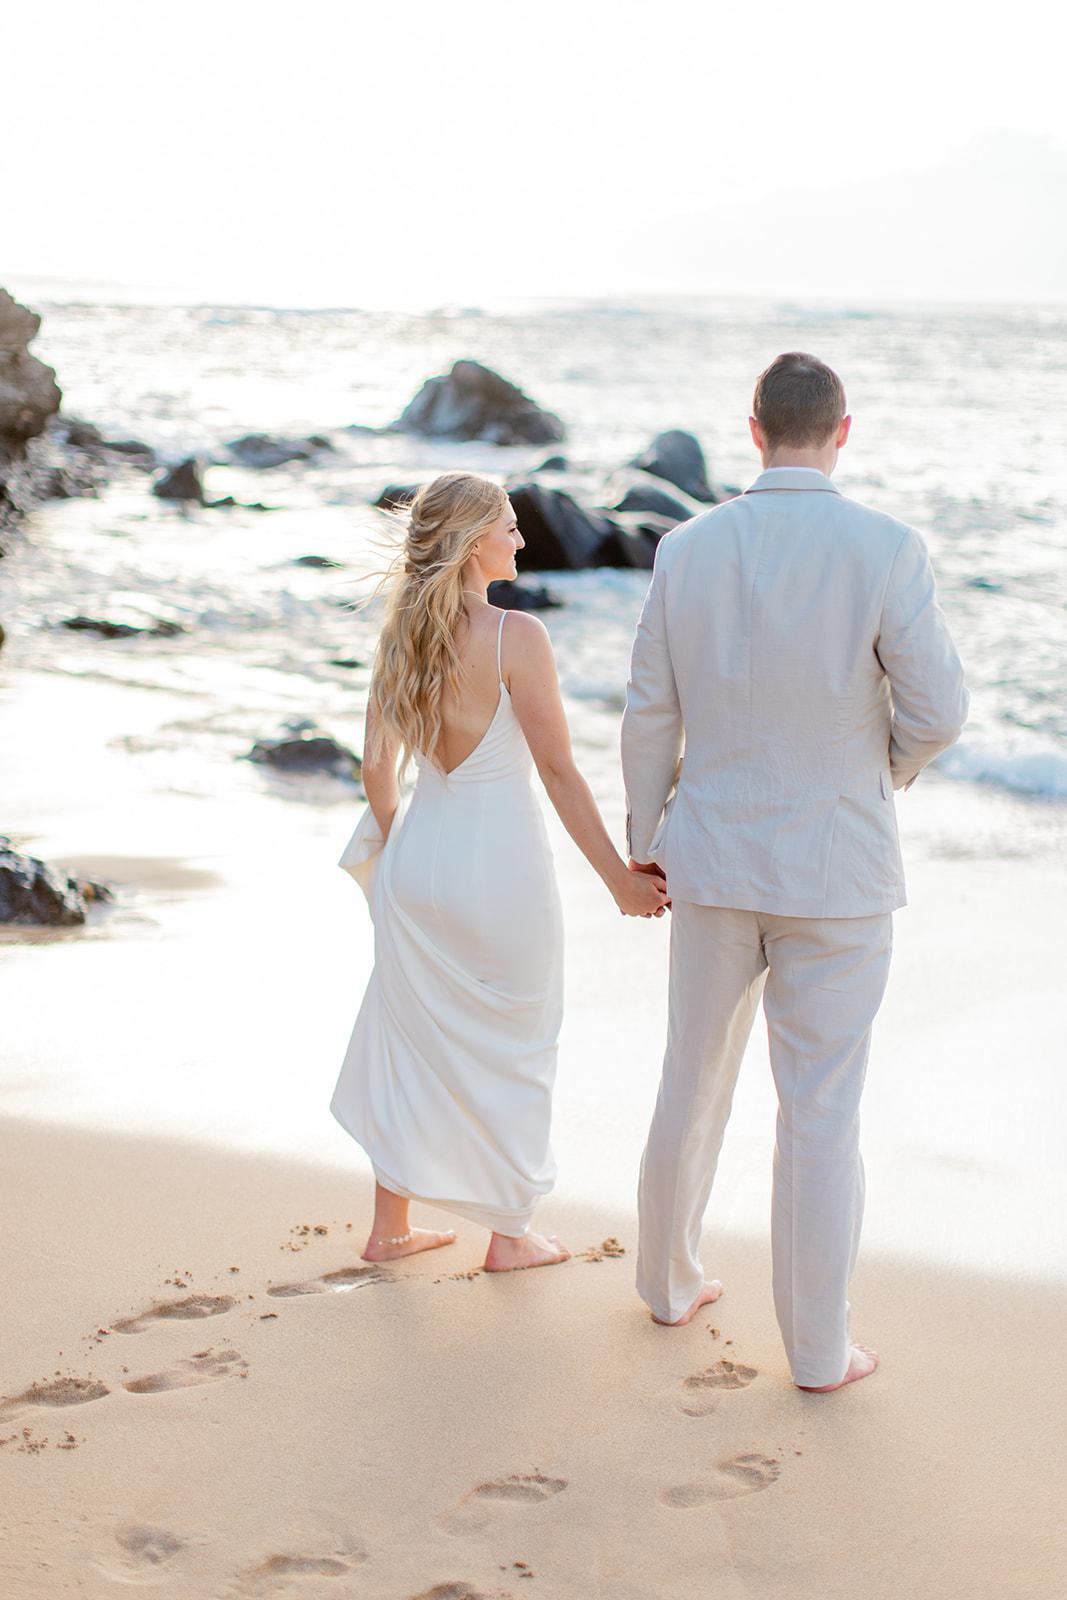 beach shot hawaii wedding spokane bride and groom